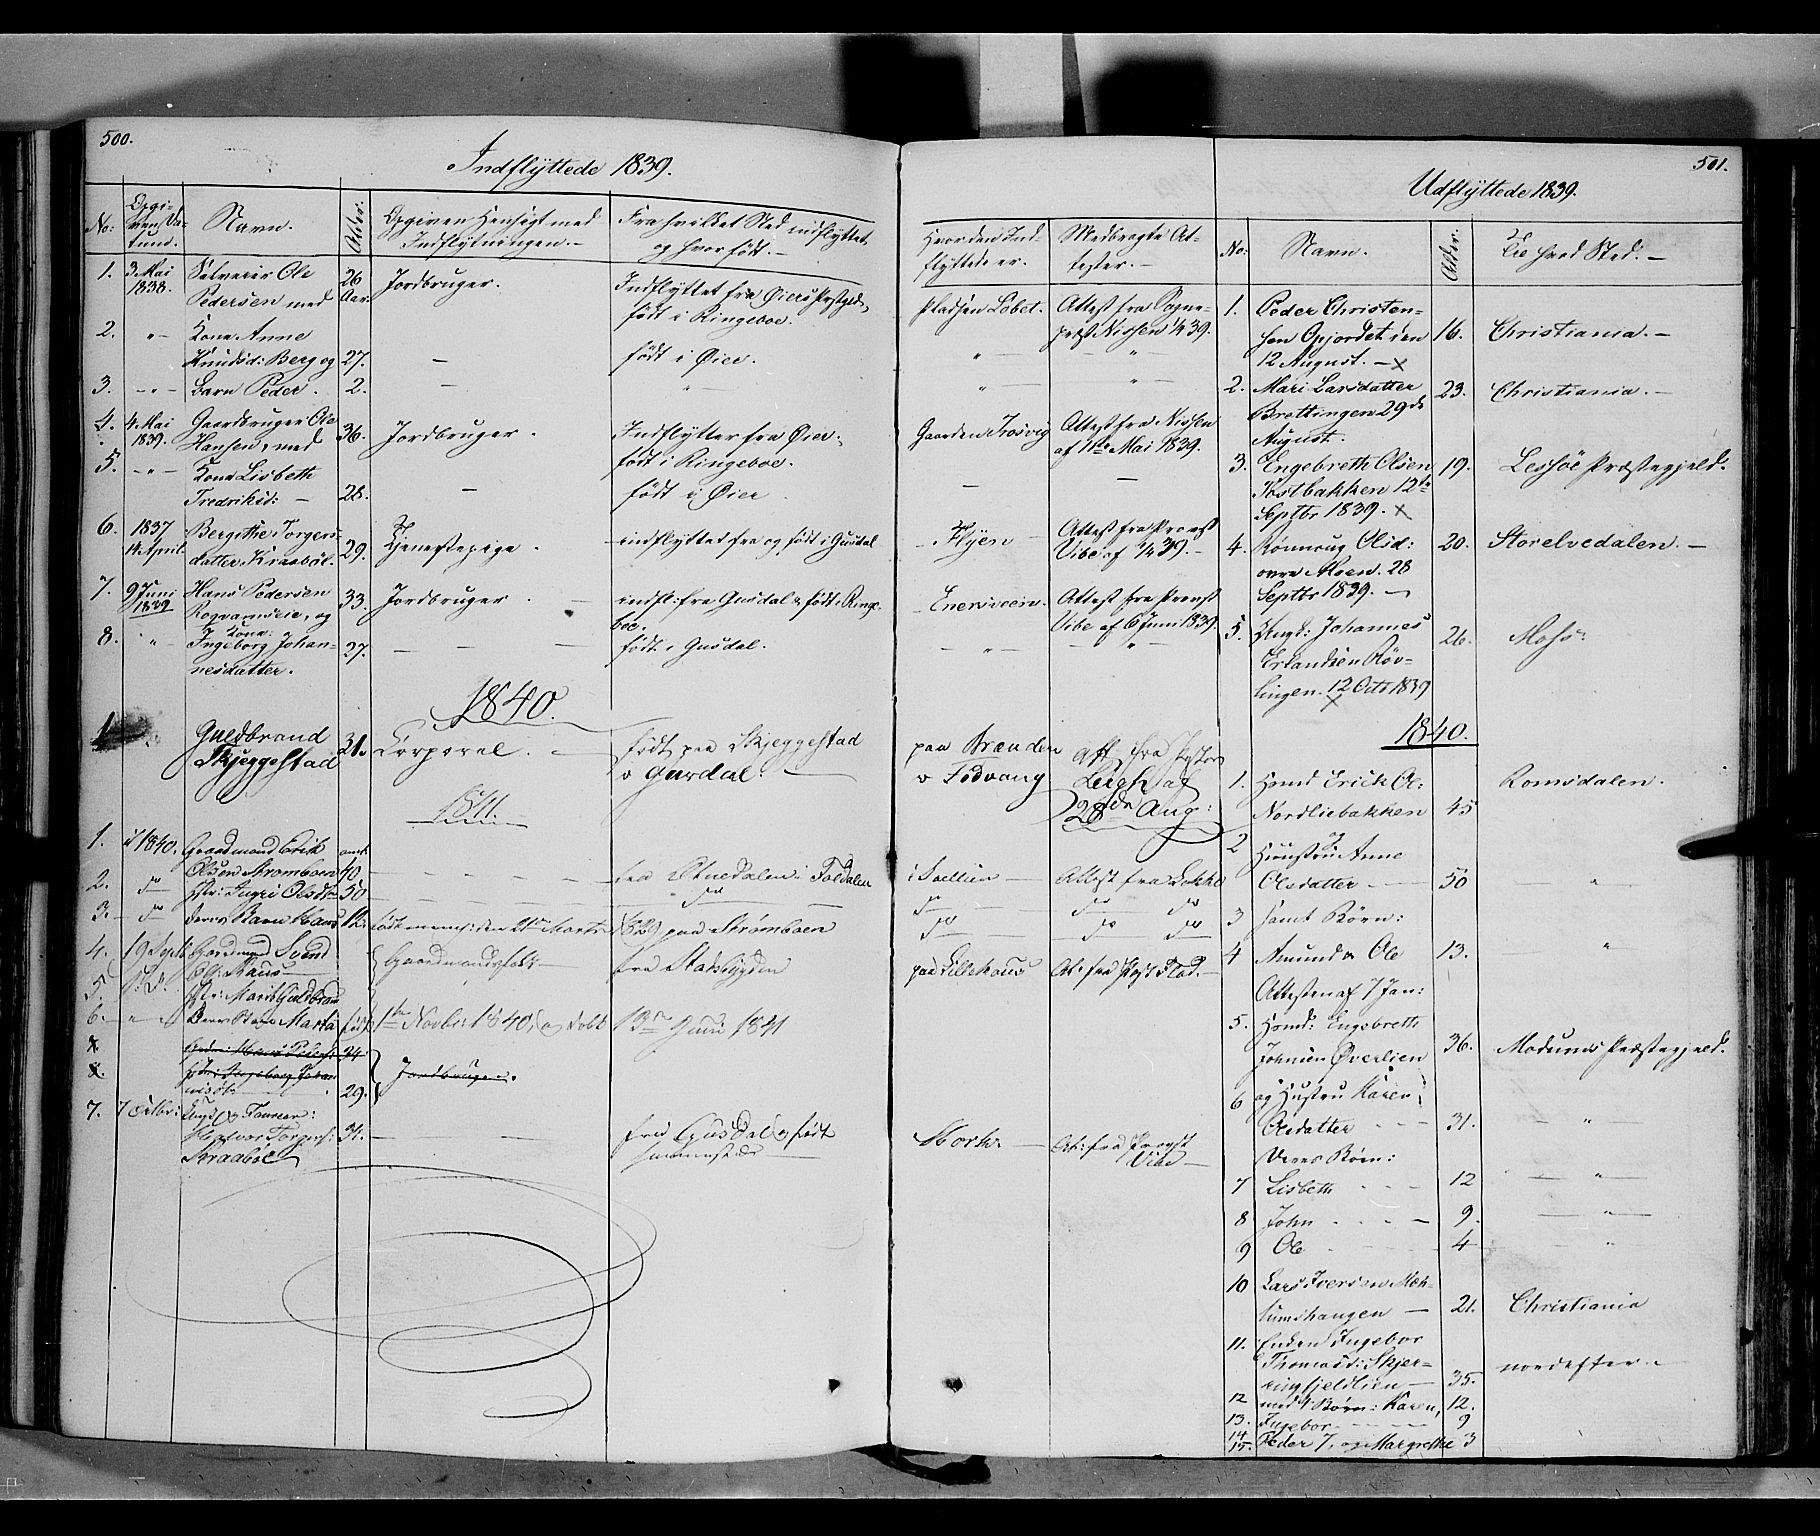 SAH, Ringebu prestekontor, Parish register (official) no. 5, 1839-1848, p. 500-501